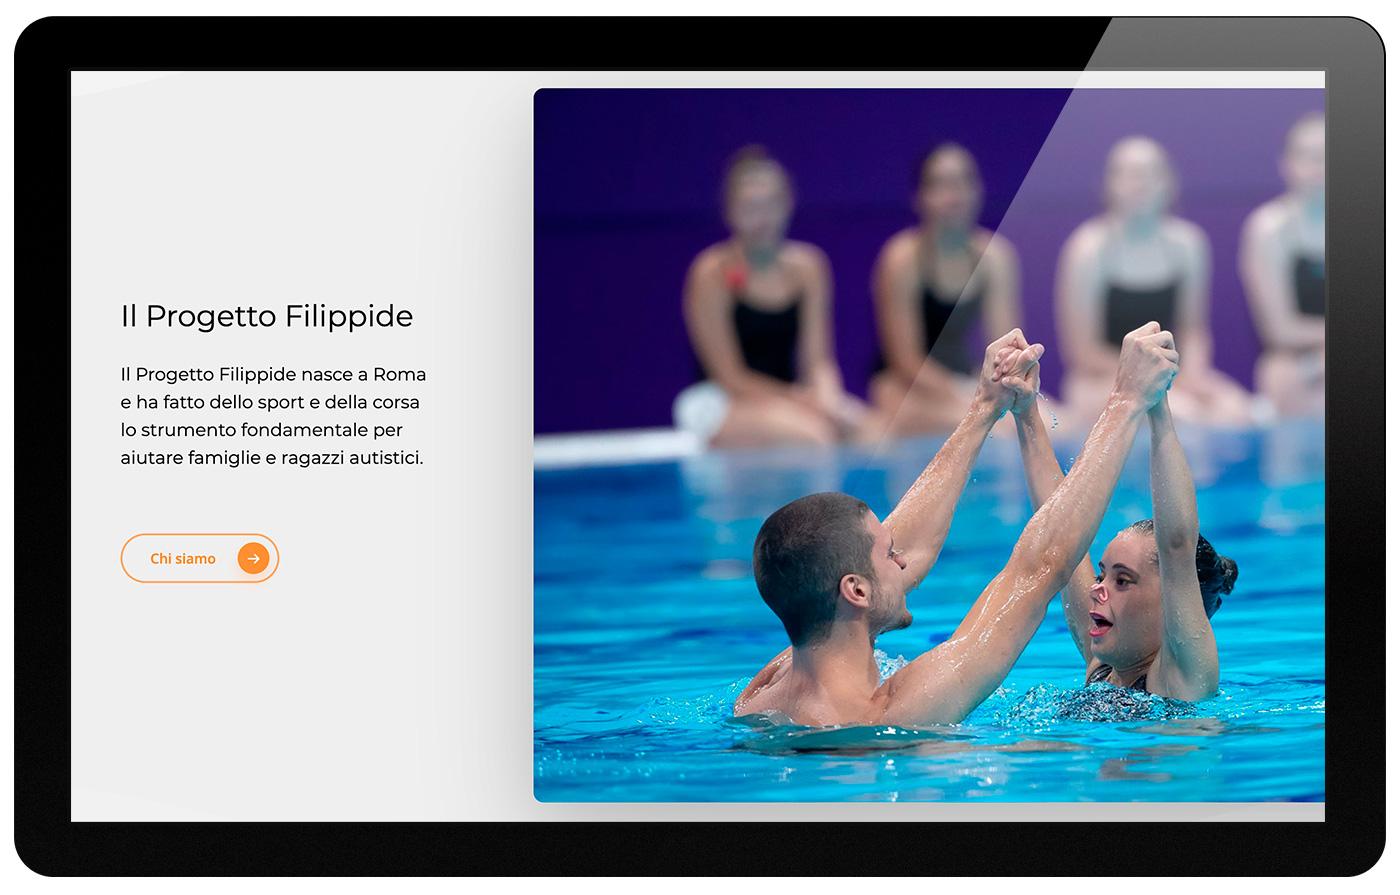 Progetto-Filippide-nuoto-sincronizzato